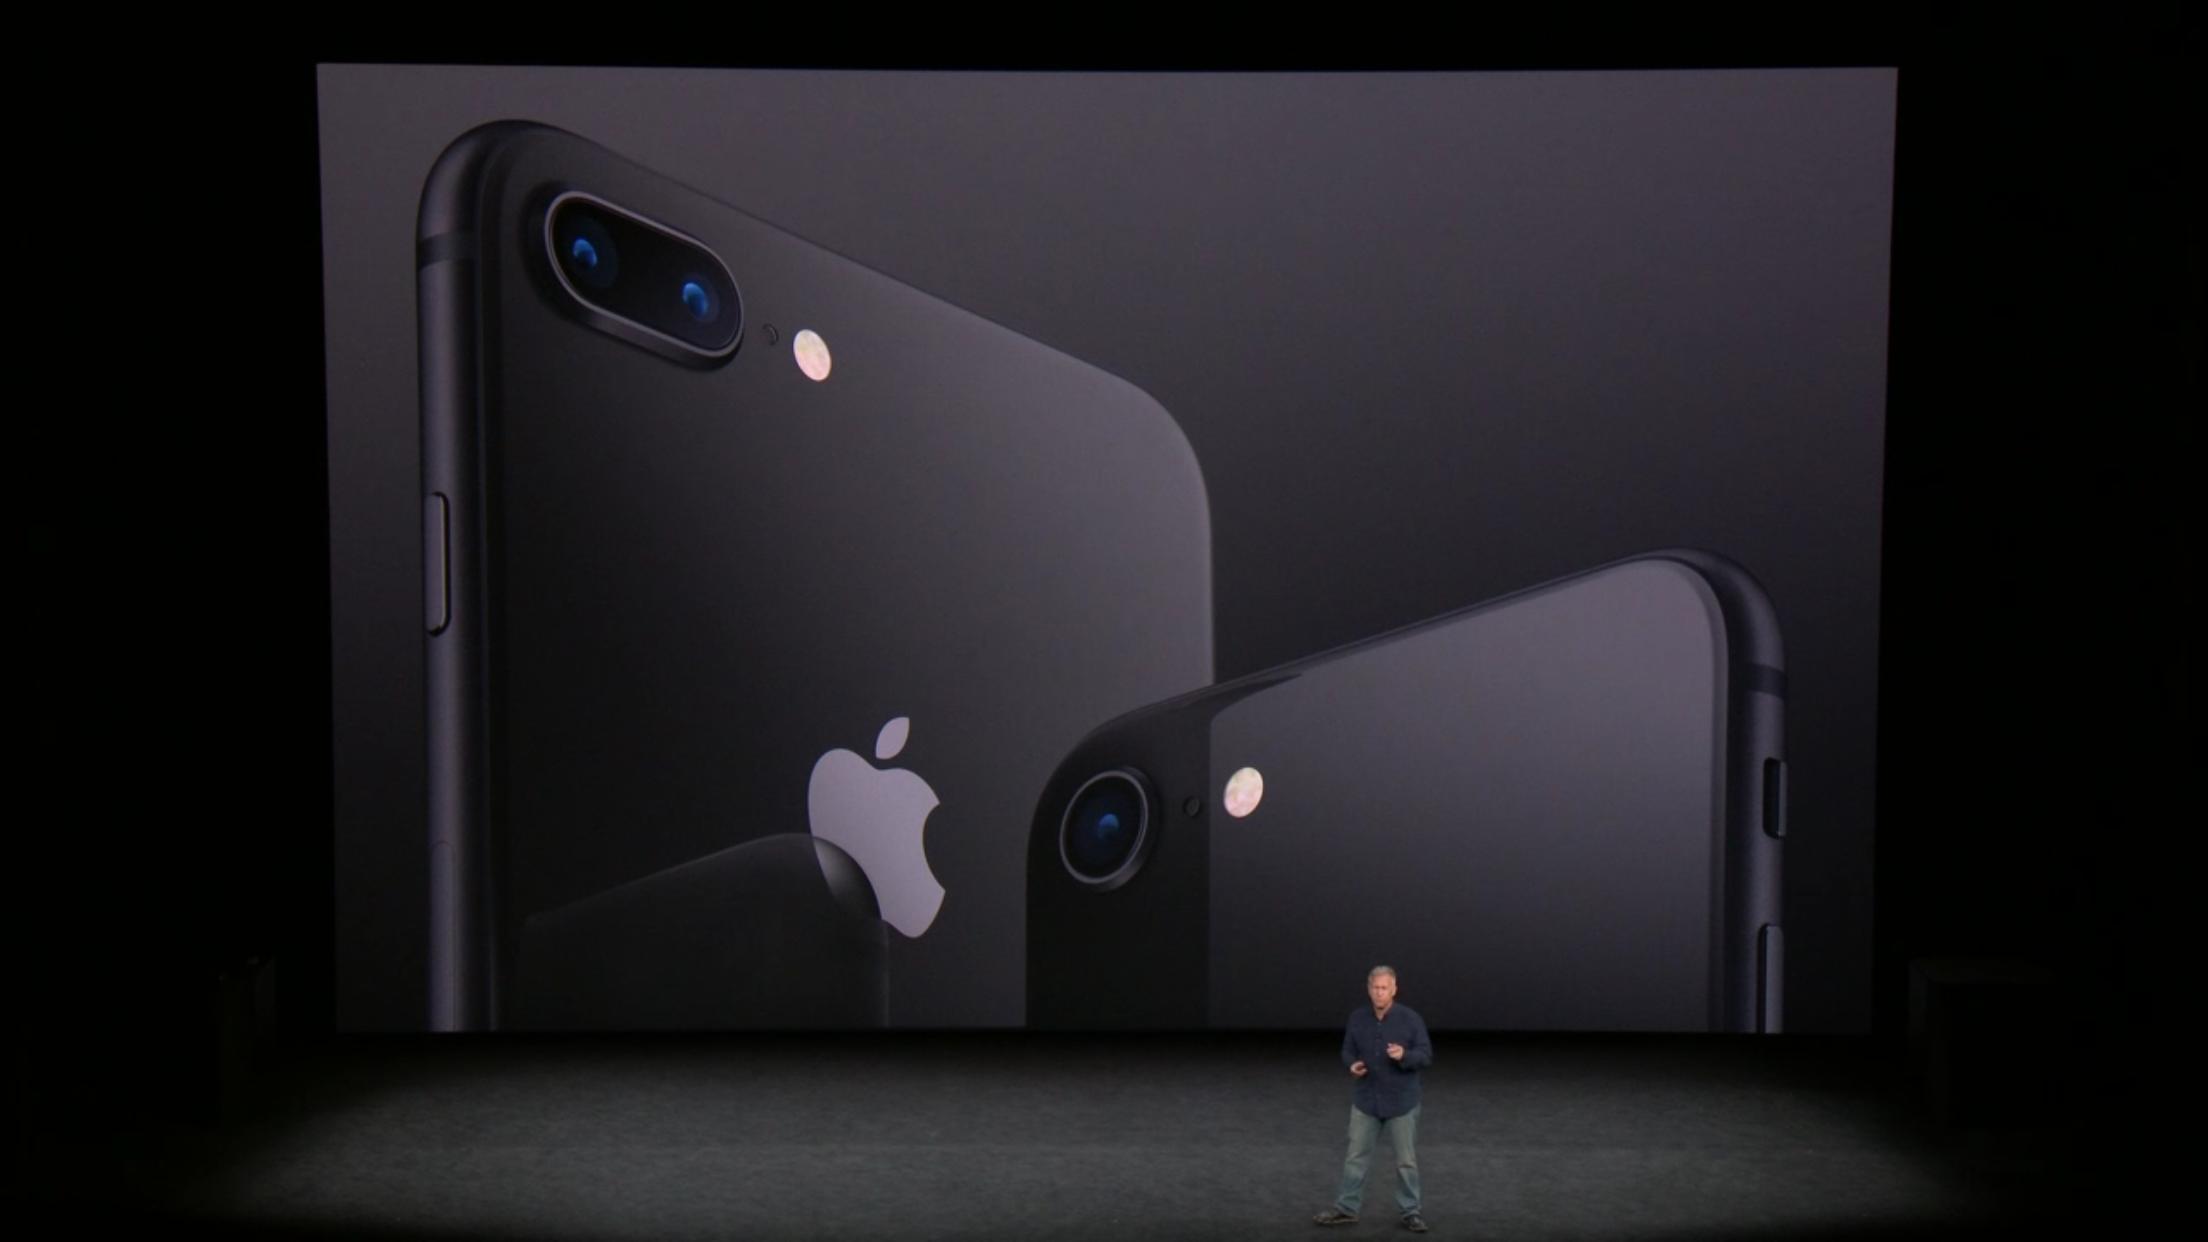 iPhone 8 và 8 Plus đến cuối tháng 10, đầu tháng 11 mới lên kệ chính thức. Tuy nhiên nhiều người dự đoán giá iPhone 7 và 7 Plus từ giờ đến lúc đó khó giảm thêm hoặc chỉ giảm rất nhẹ. iPhone 7 - iPhone 8 hấp dẫn nhưng giờ  là lúc tốt nhất để mua iPhone 7